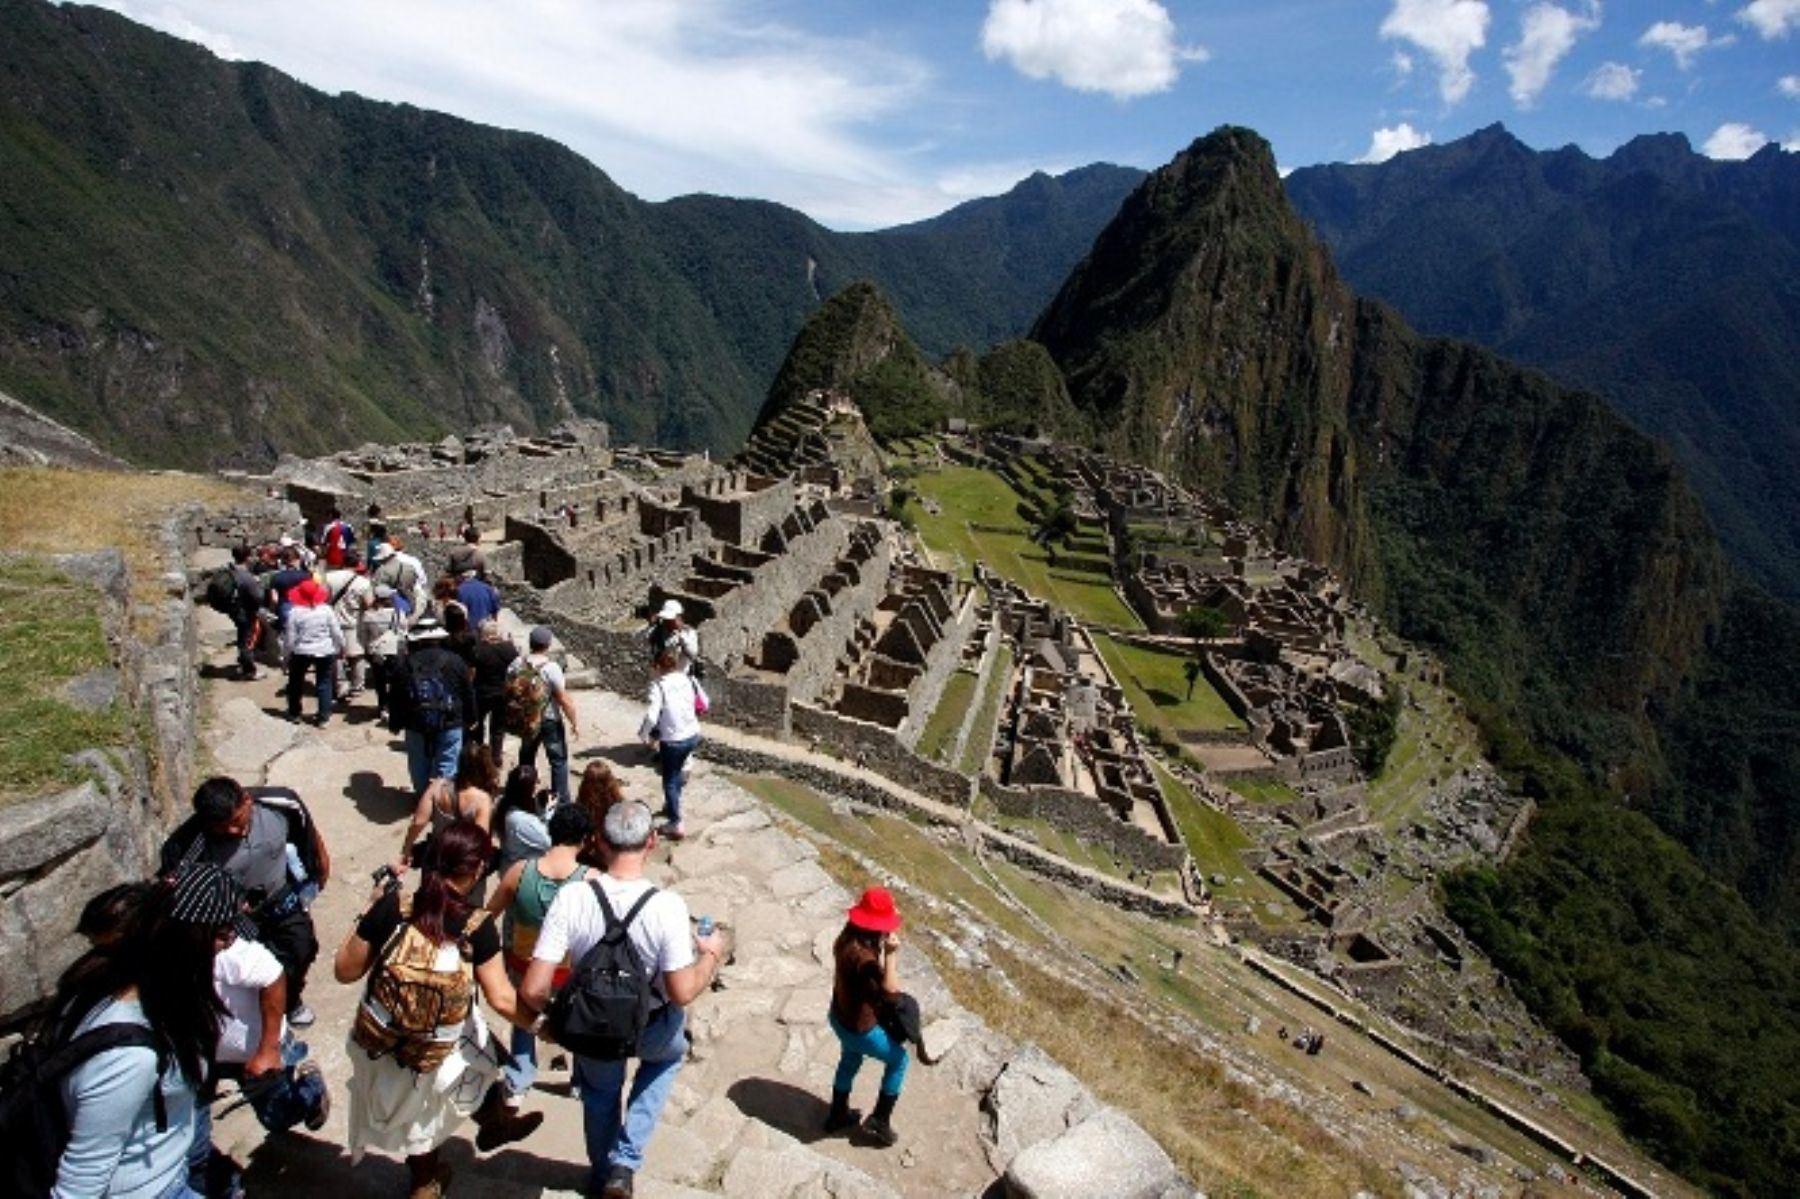 """BBC Mundo: """"Machu Picchu sufrió penoso daño"""" a manos de turistas extranjeros. ANDINA/Percy Hurtado Santillán"""